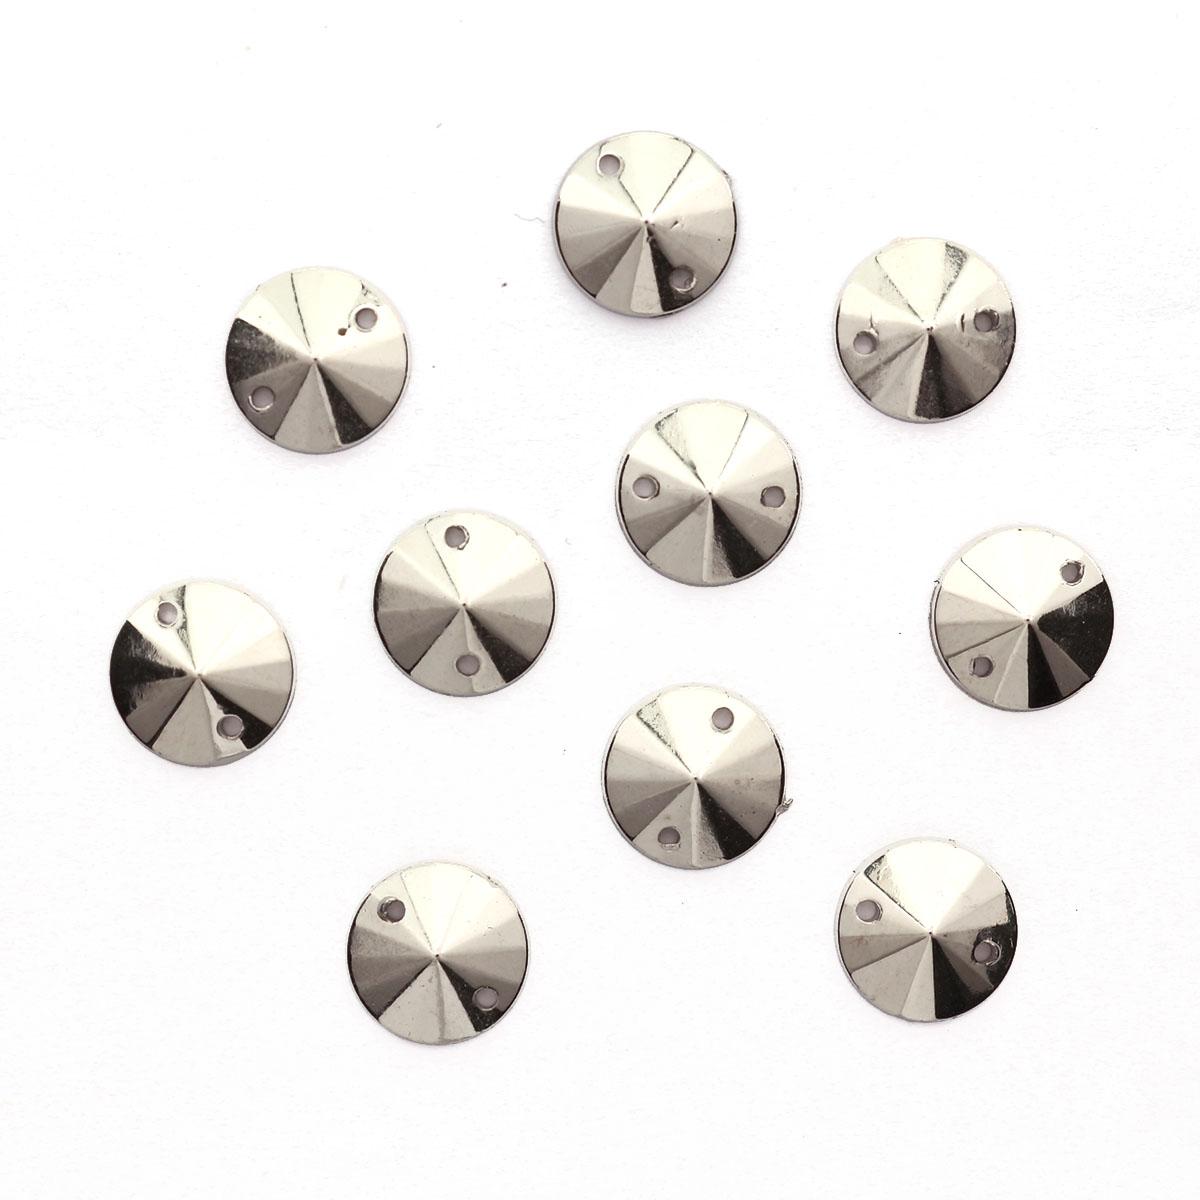 GACR-Q053-P Стразы акриловые,круглые платина 10*4мм, 20шт/упак